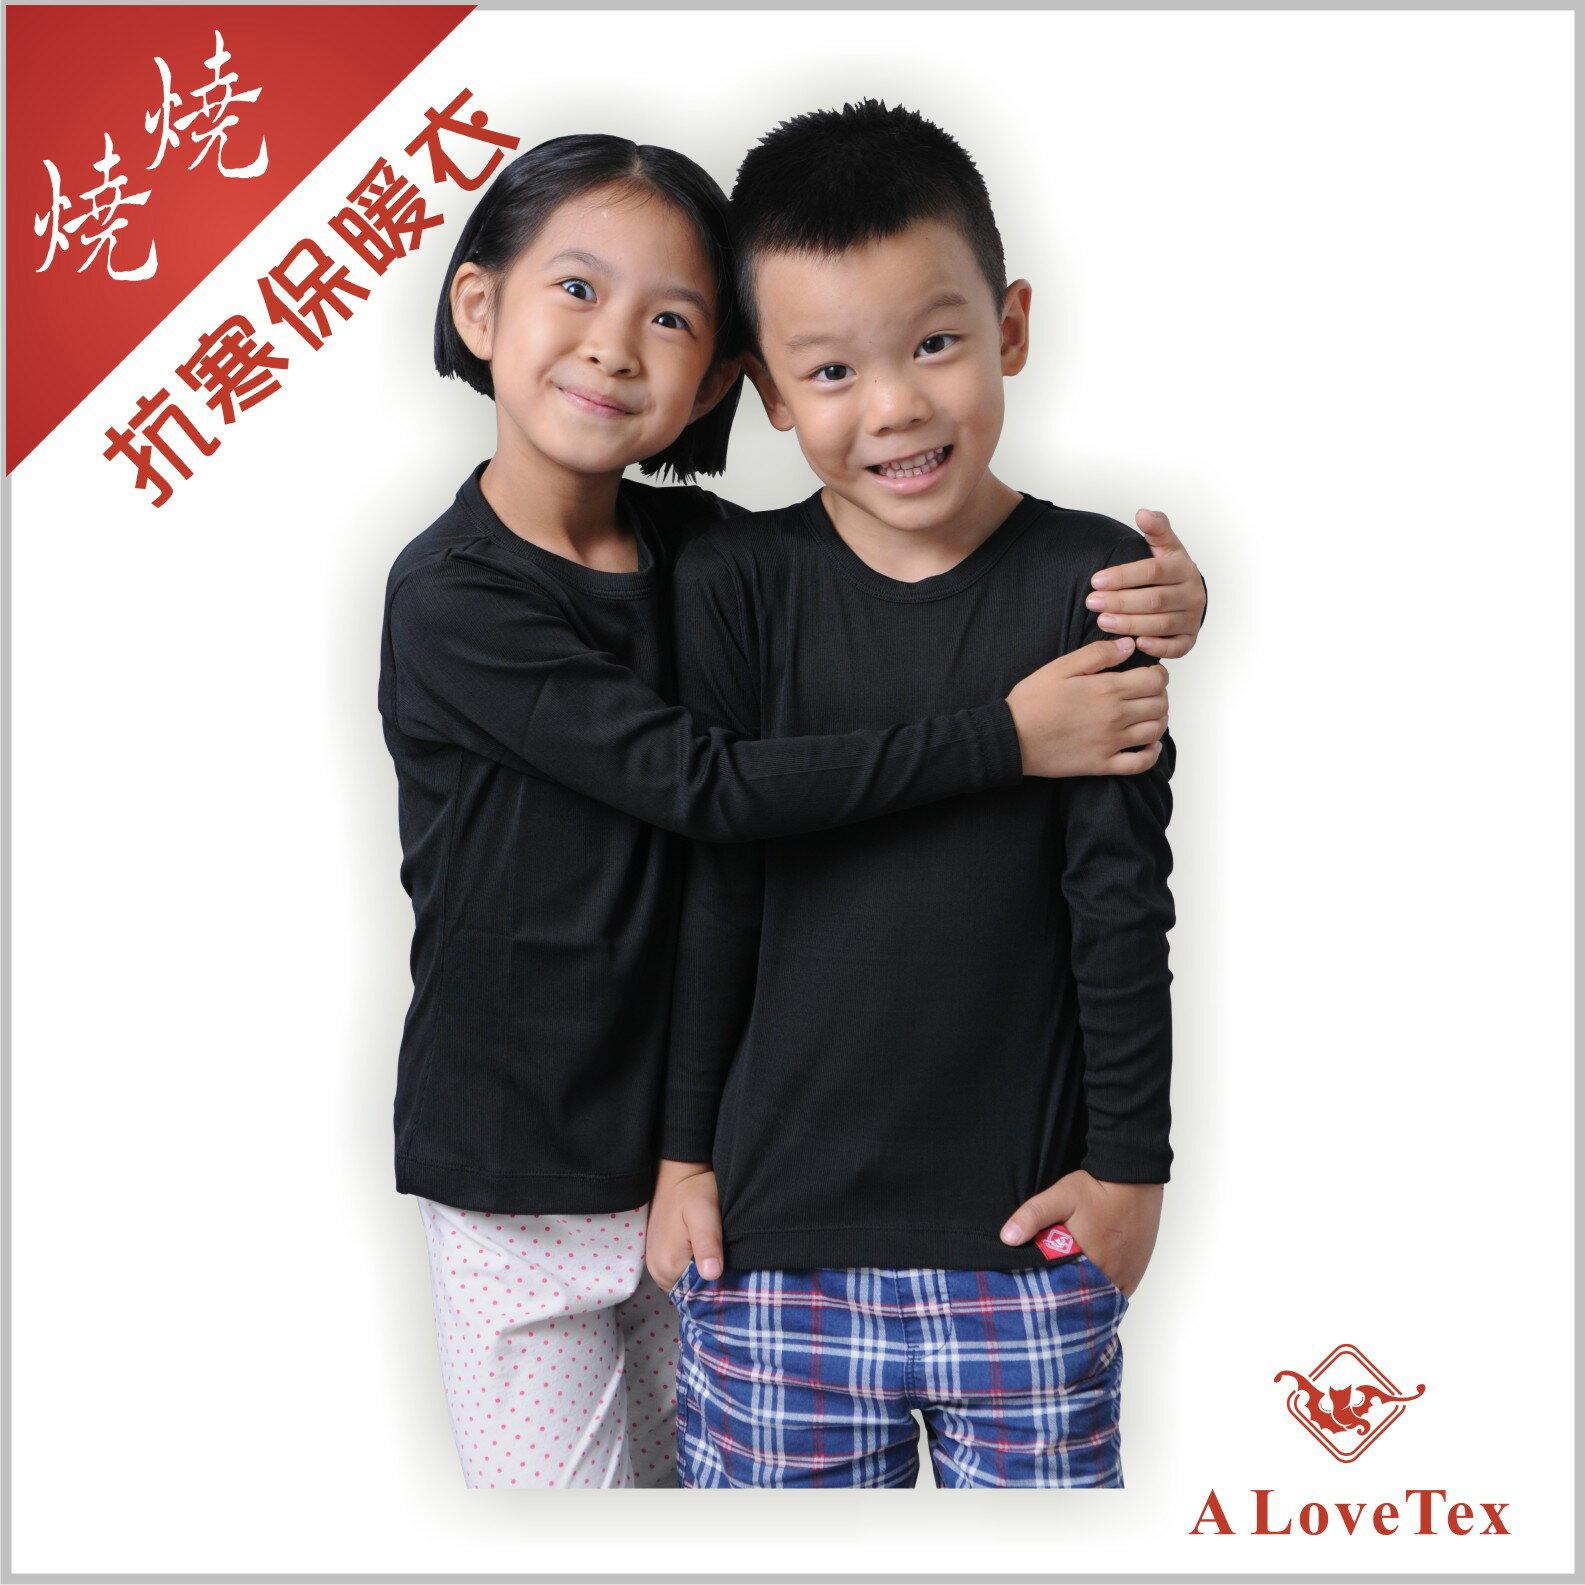 【樂福織品】兒童 – 黑色圓領 – 燒燒抗寒保暖衣 – 輕、薄、暖 – 給您的孩子,溫暖零負擔的冬天! 0